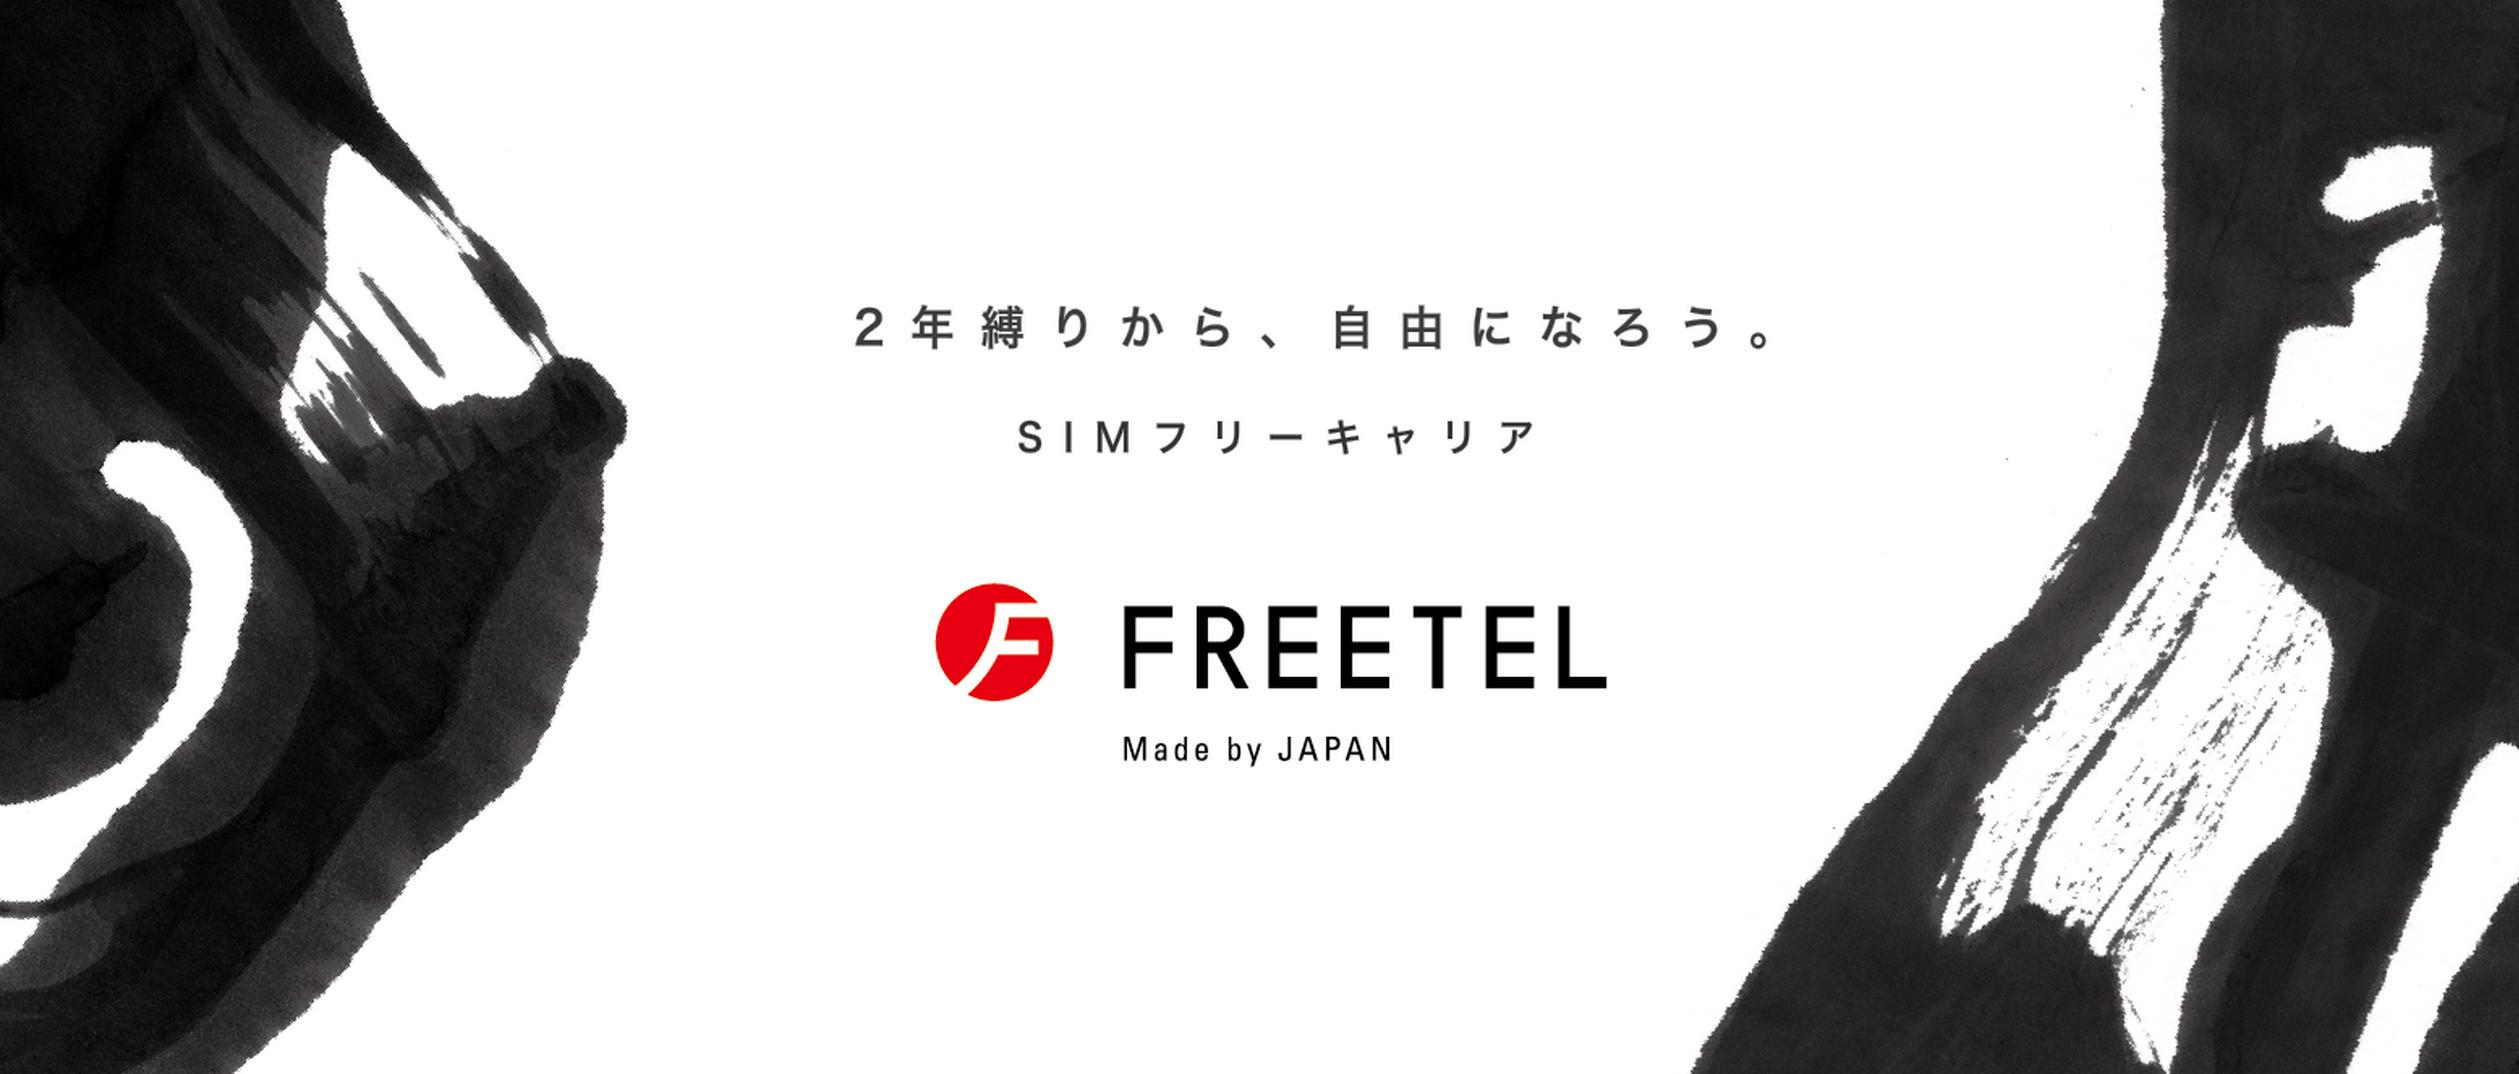 FREETEL運営のプラスワン・マーケティングが26億円の赤字で倒産。今後は「とりかえ~る」などのサポート終了で、MAYA SYSTEMと事業再生の協議を行う予定。